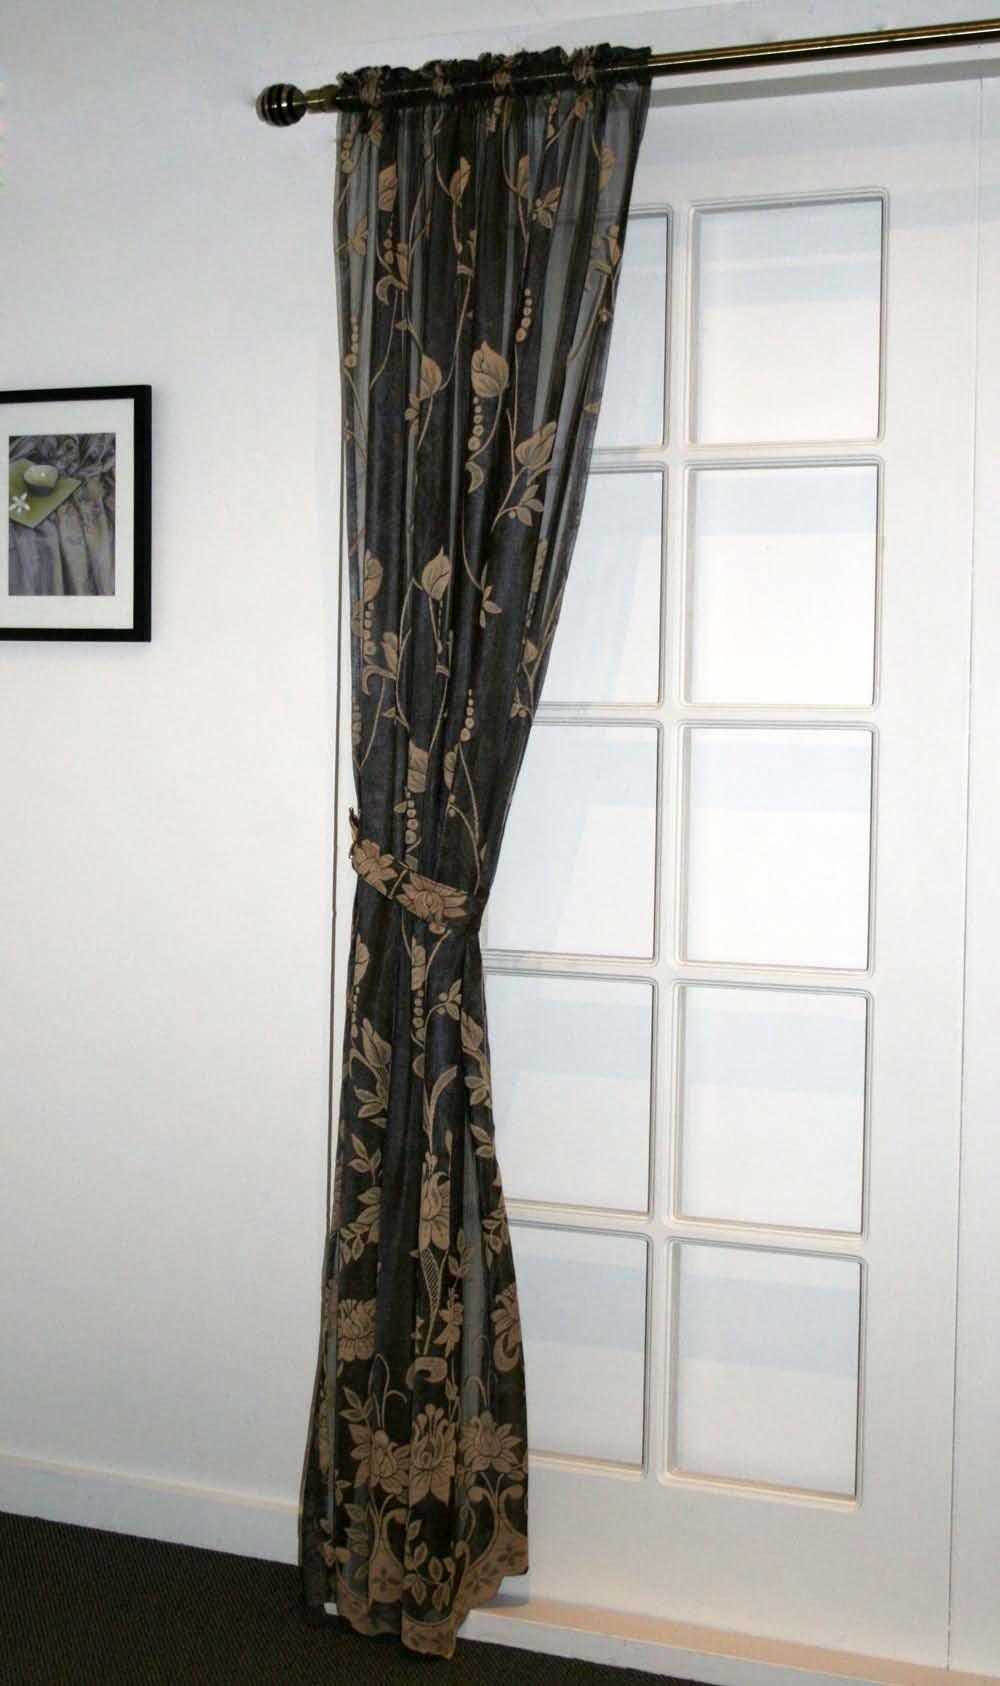 details about black gold curtain sheer lace 120cm x2 213cm drop